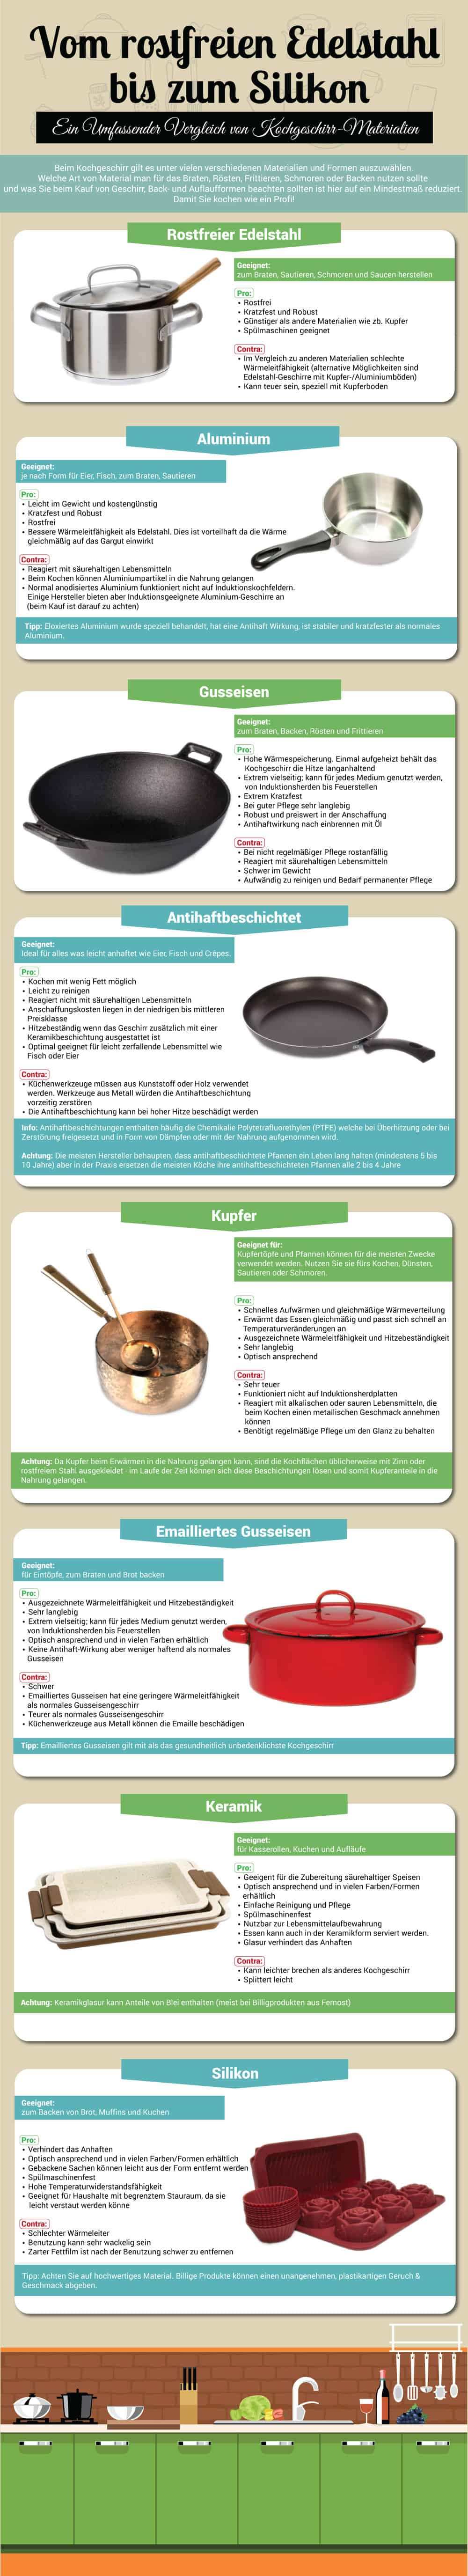 Kochgeschirr Material - Ratgeber